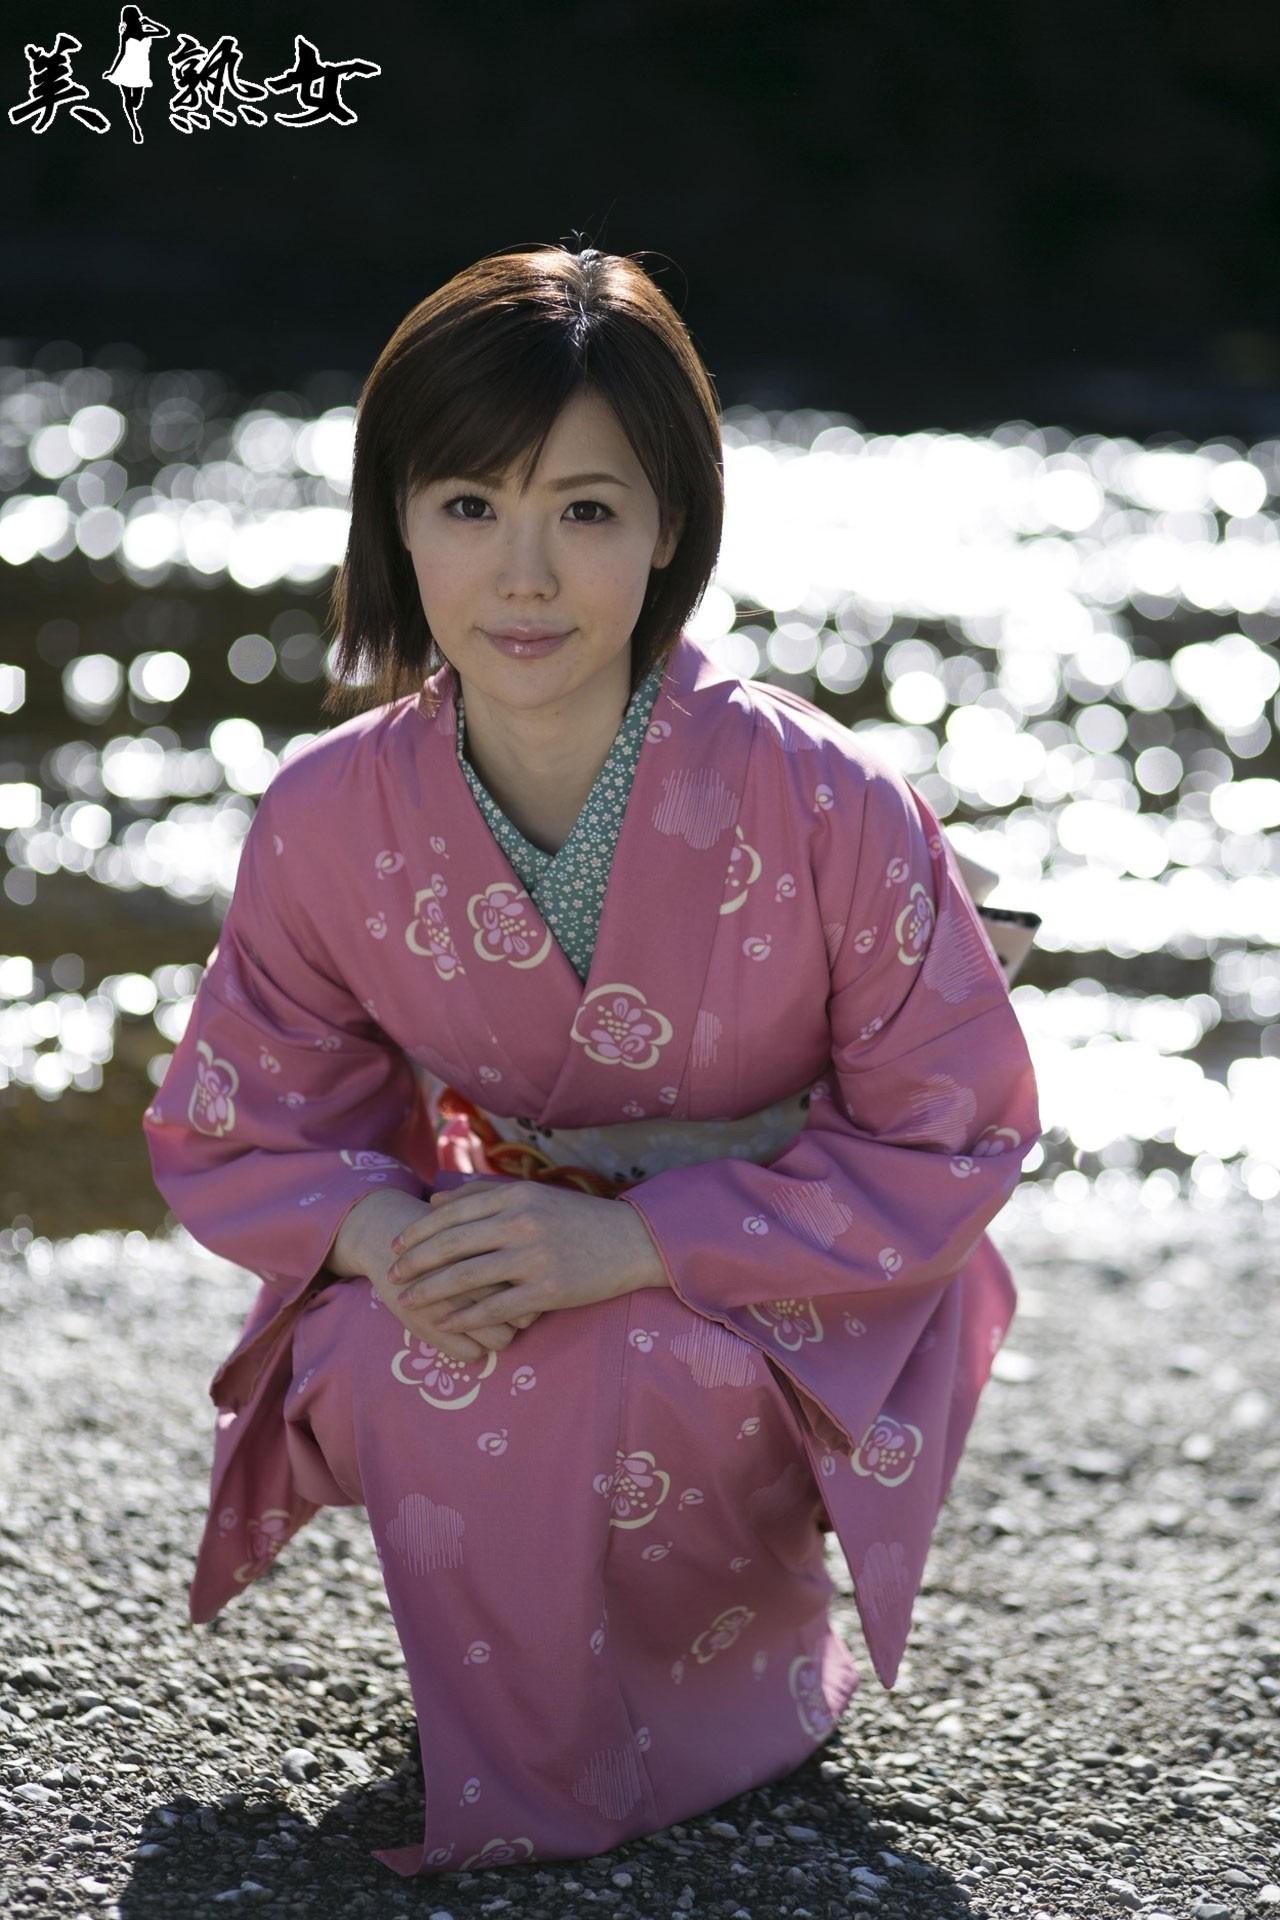 Nanako_Mori_6.jpg